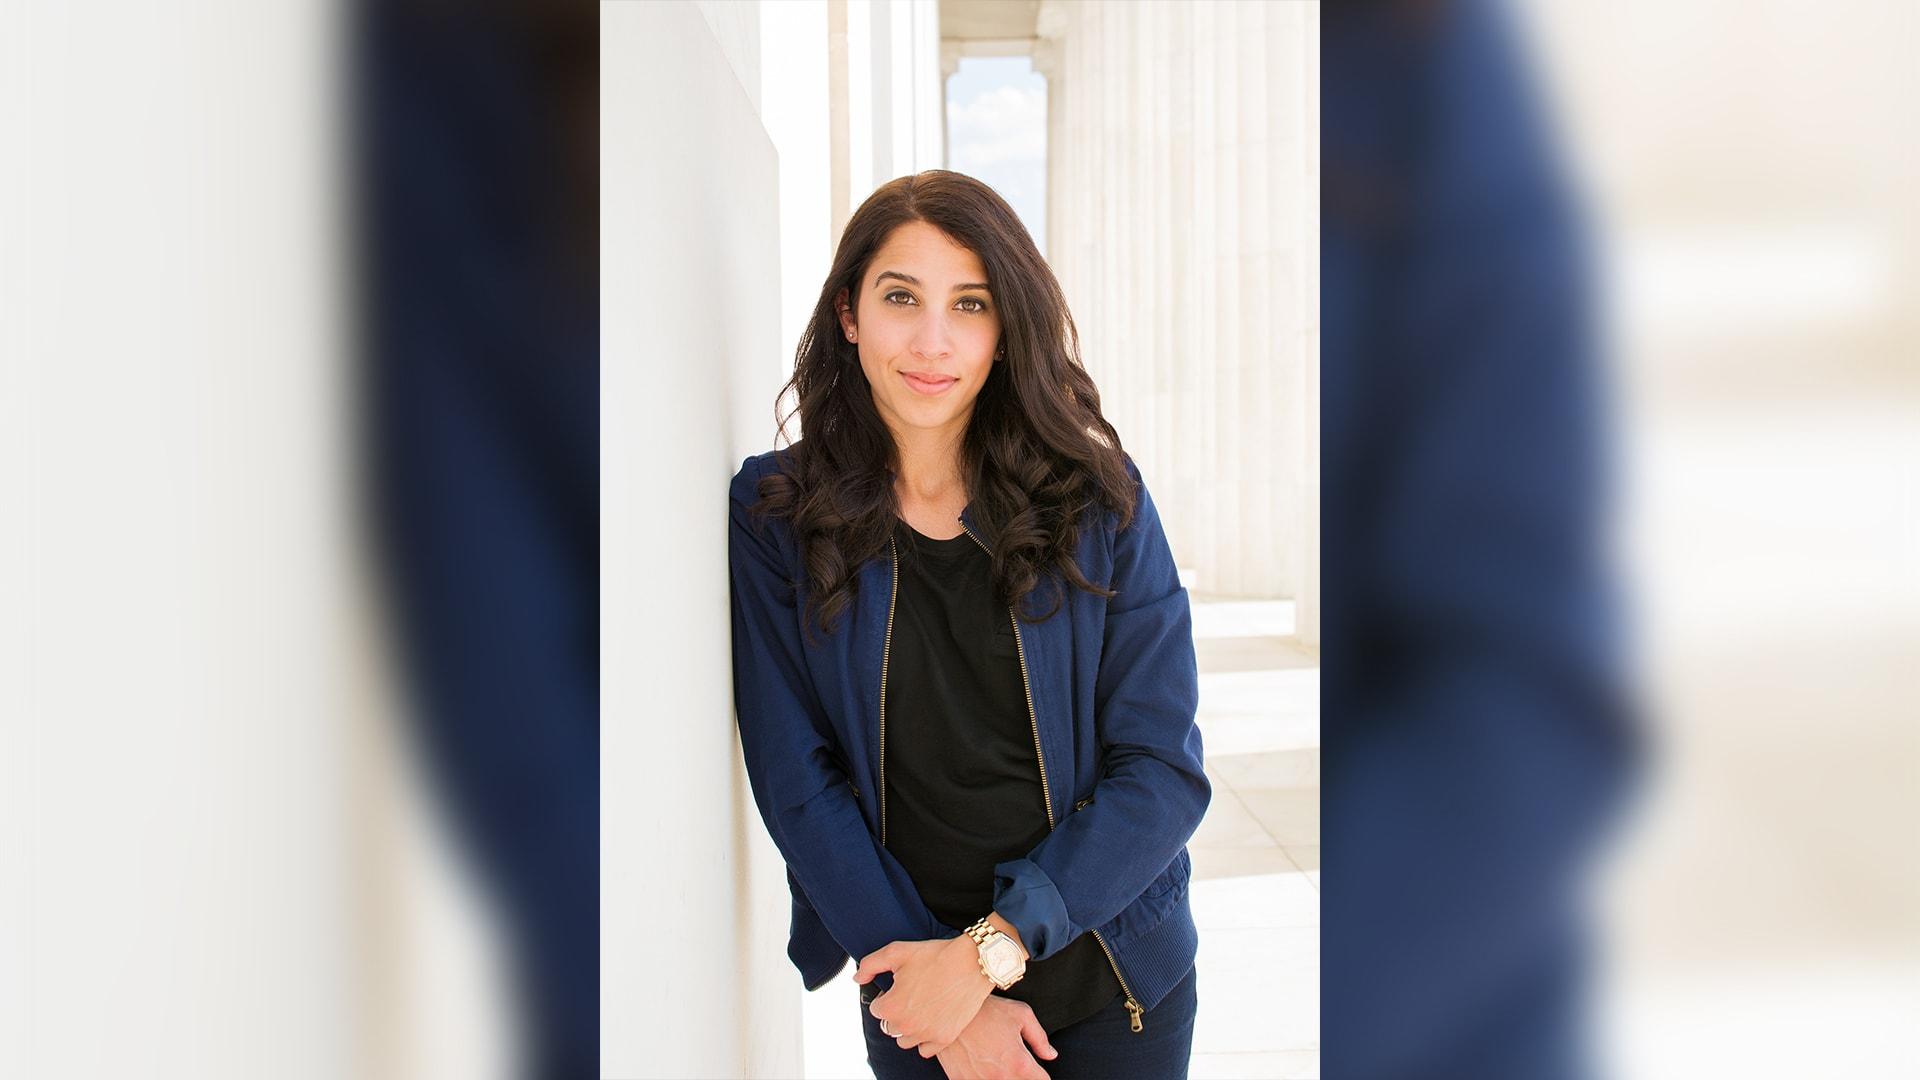 دانا، صحفيّة مقيمة في ميشيغان.